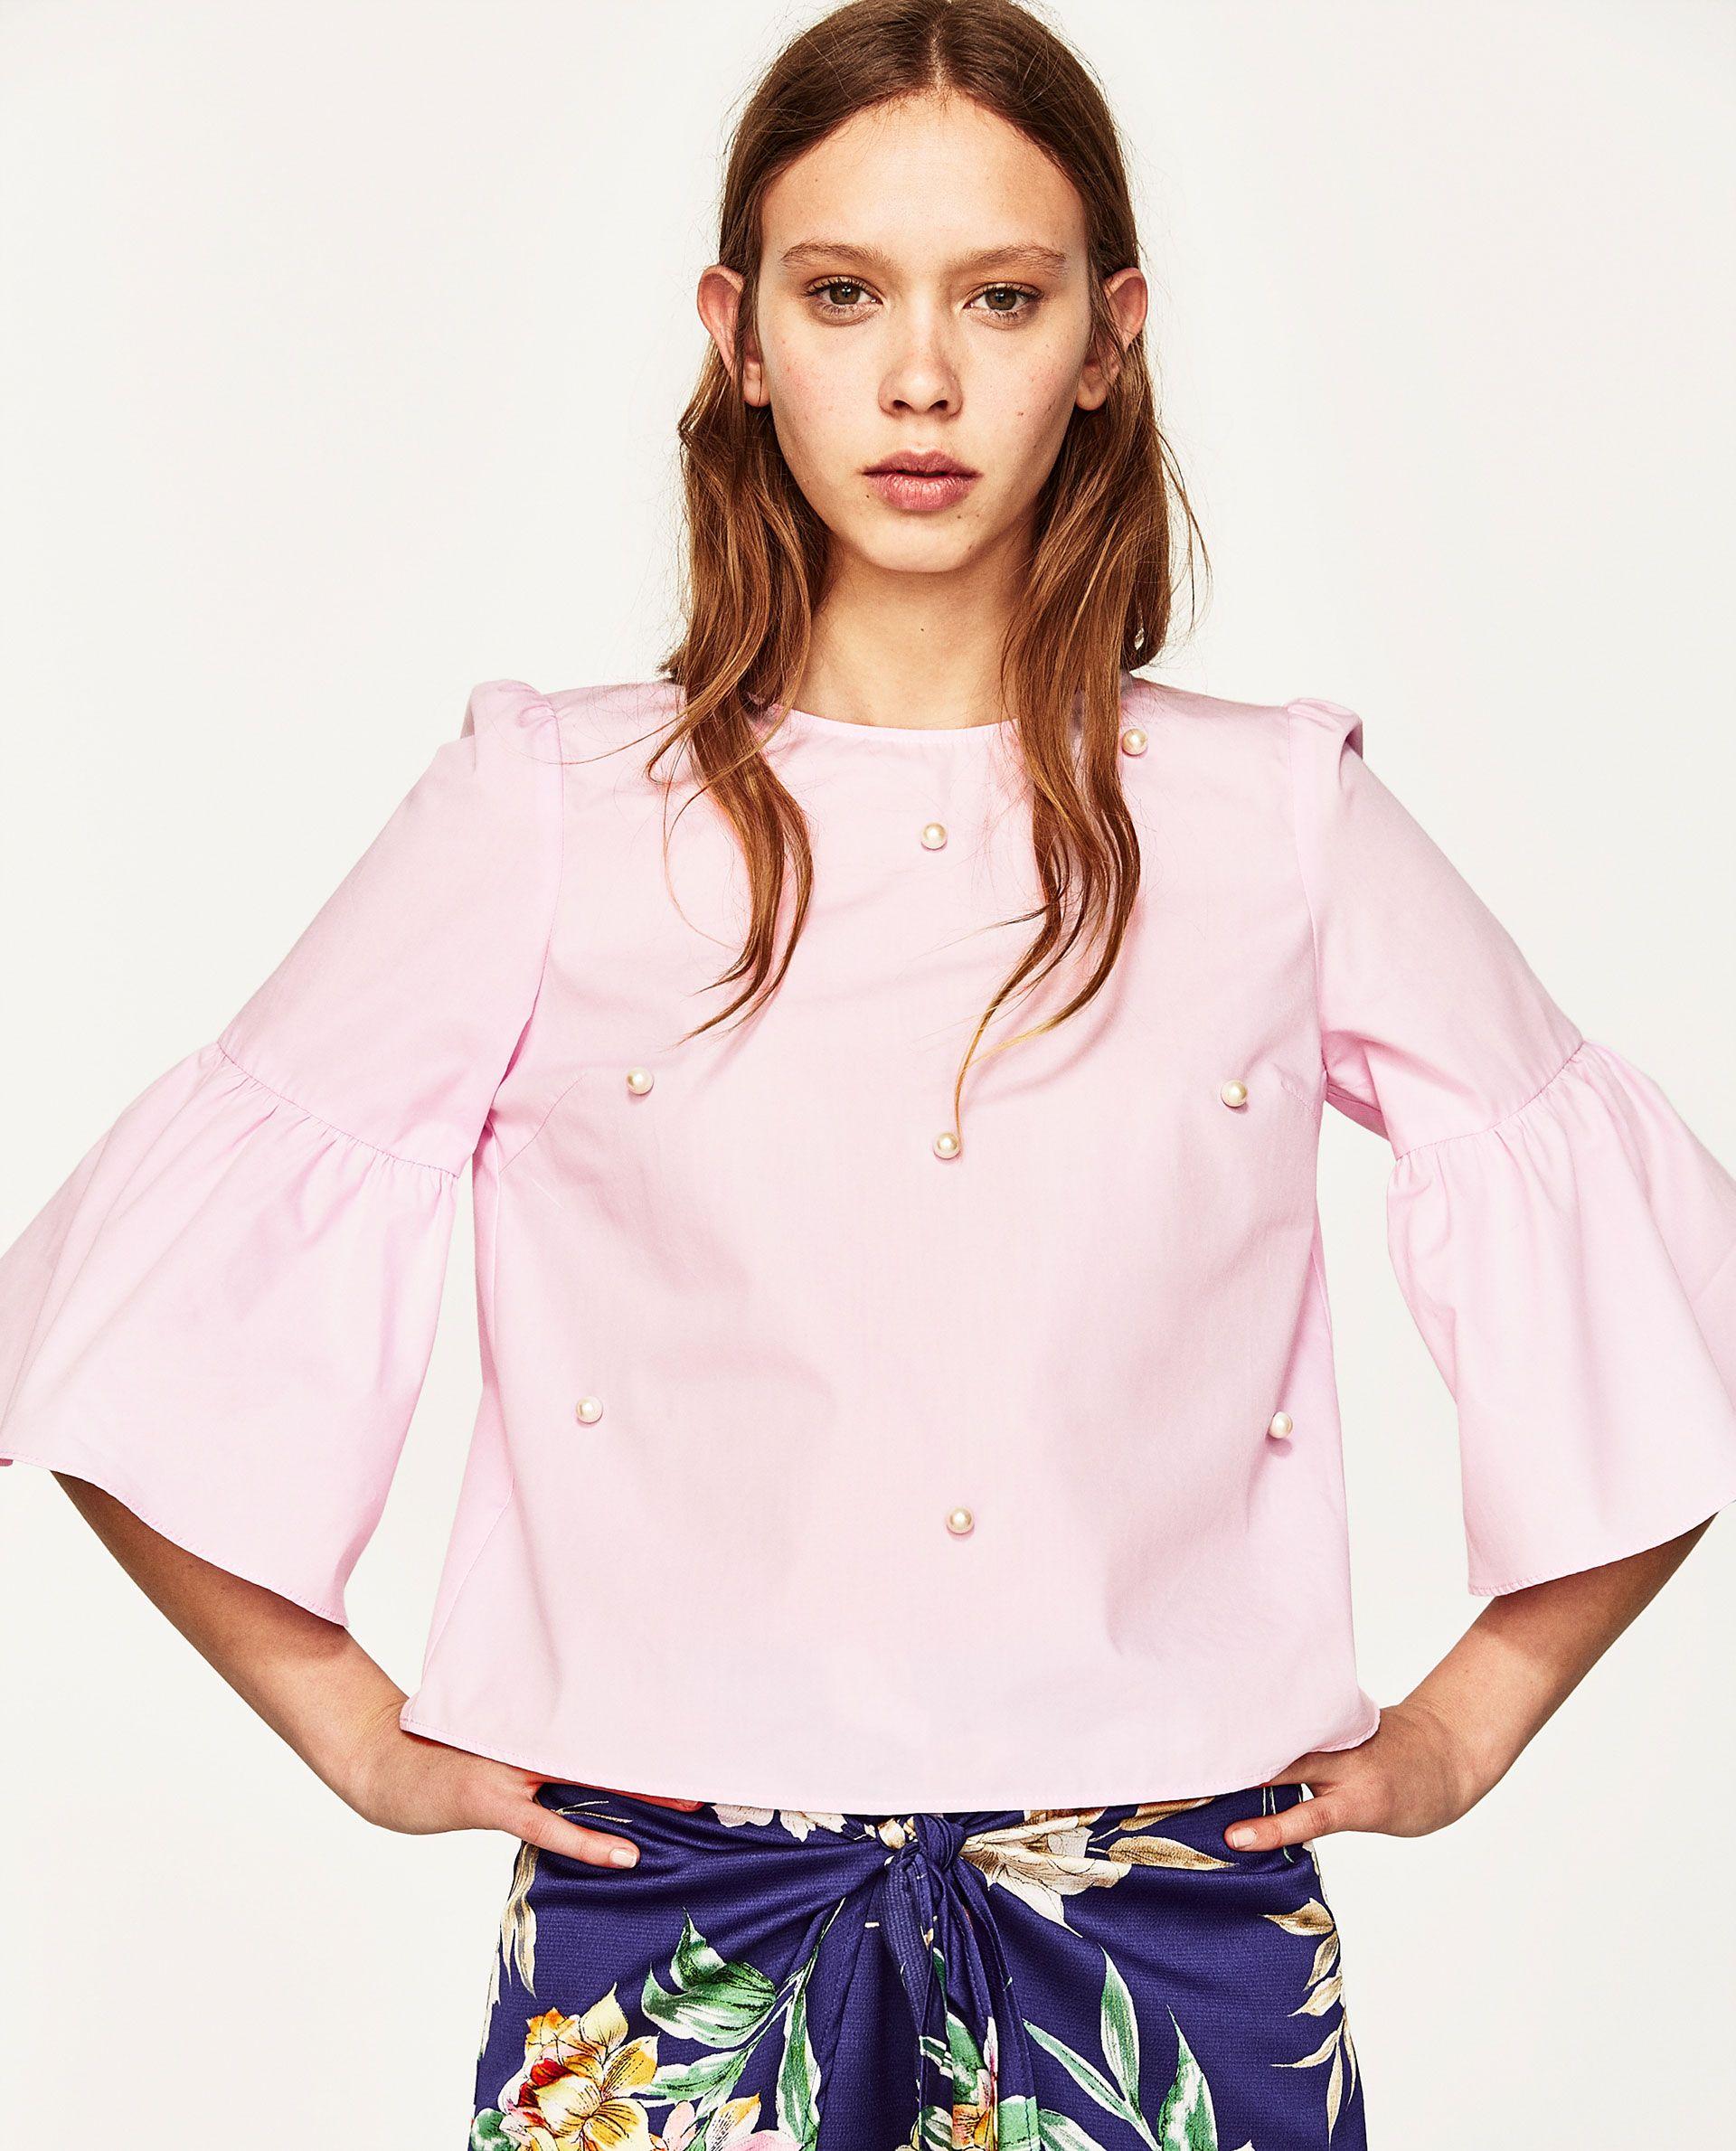 Nueva sexy v cuello blusa suelta camisas estilo europeo